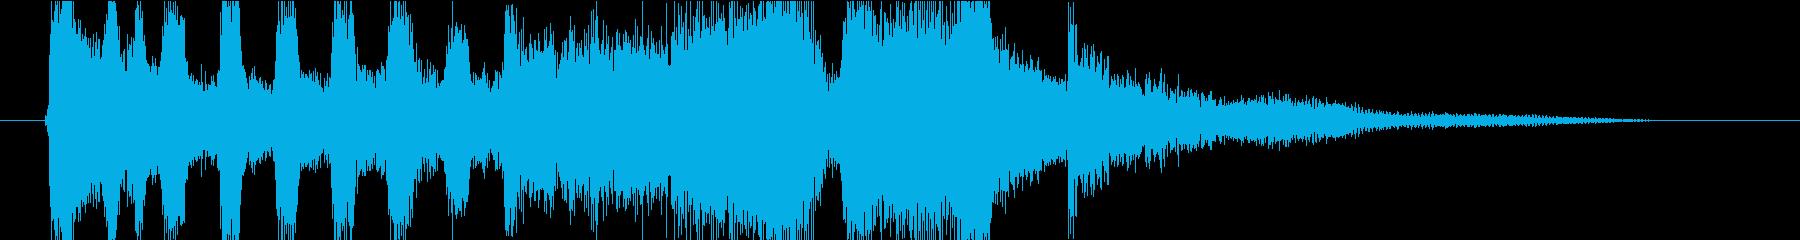 【ジングル】ブラスで始まりを演出する曲の再生済みの波形